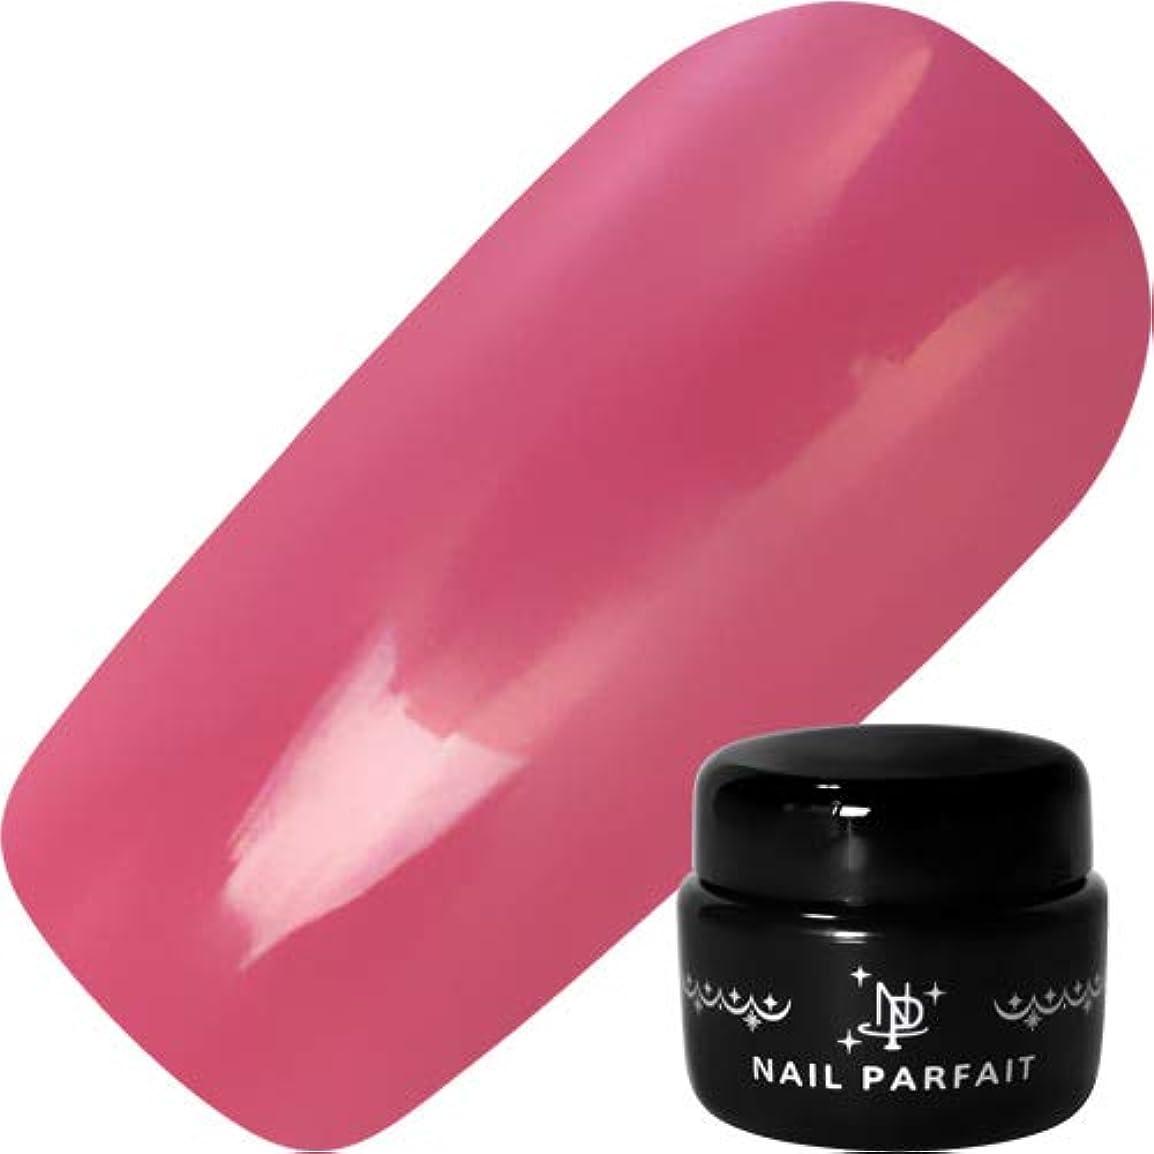 トークン自分の床を掃除するNAIL PARFAIT ネイルパフェ カラージェル A56ローズピンク 2g 【ジェル/カラージェル?ネイル用品】